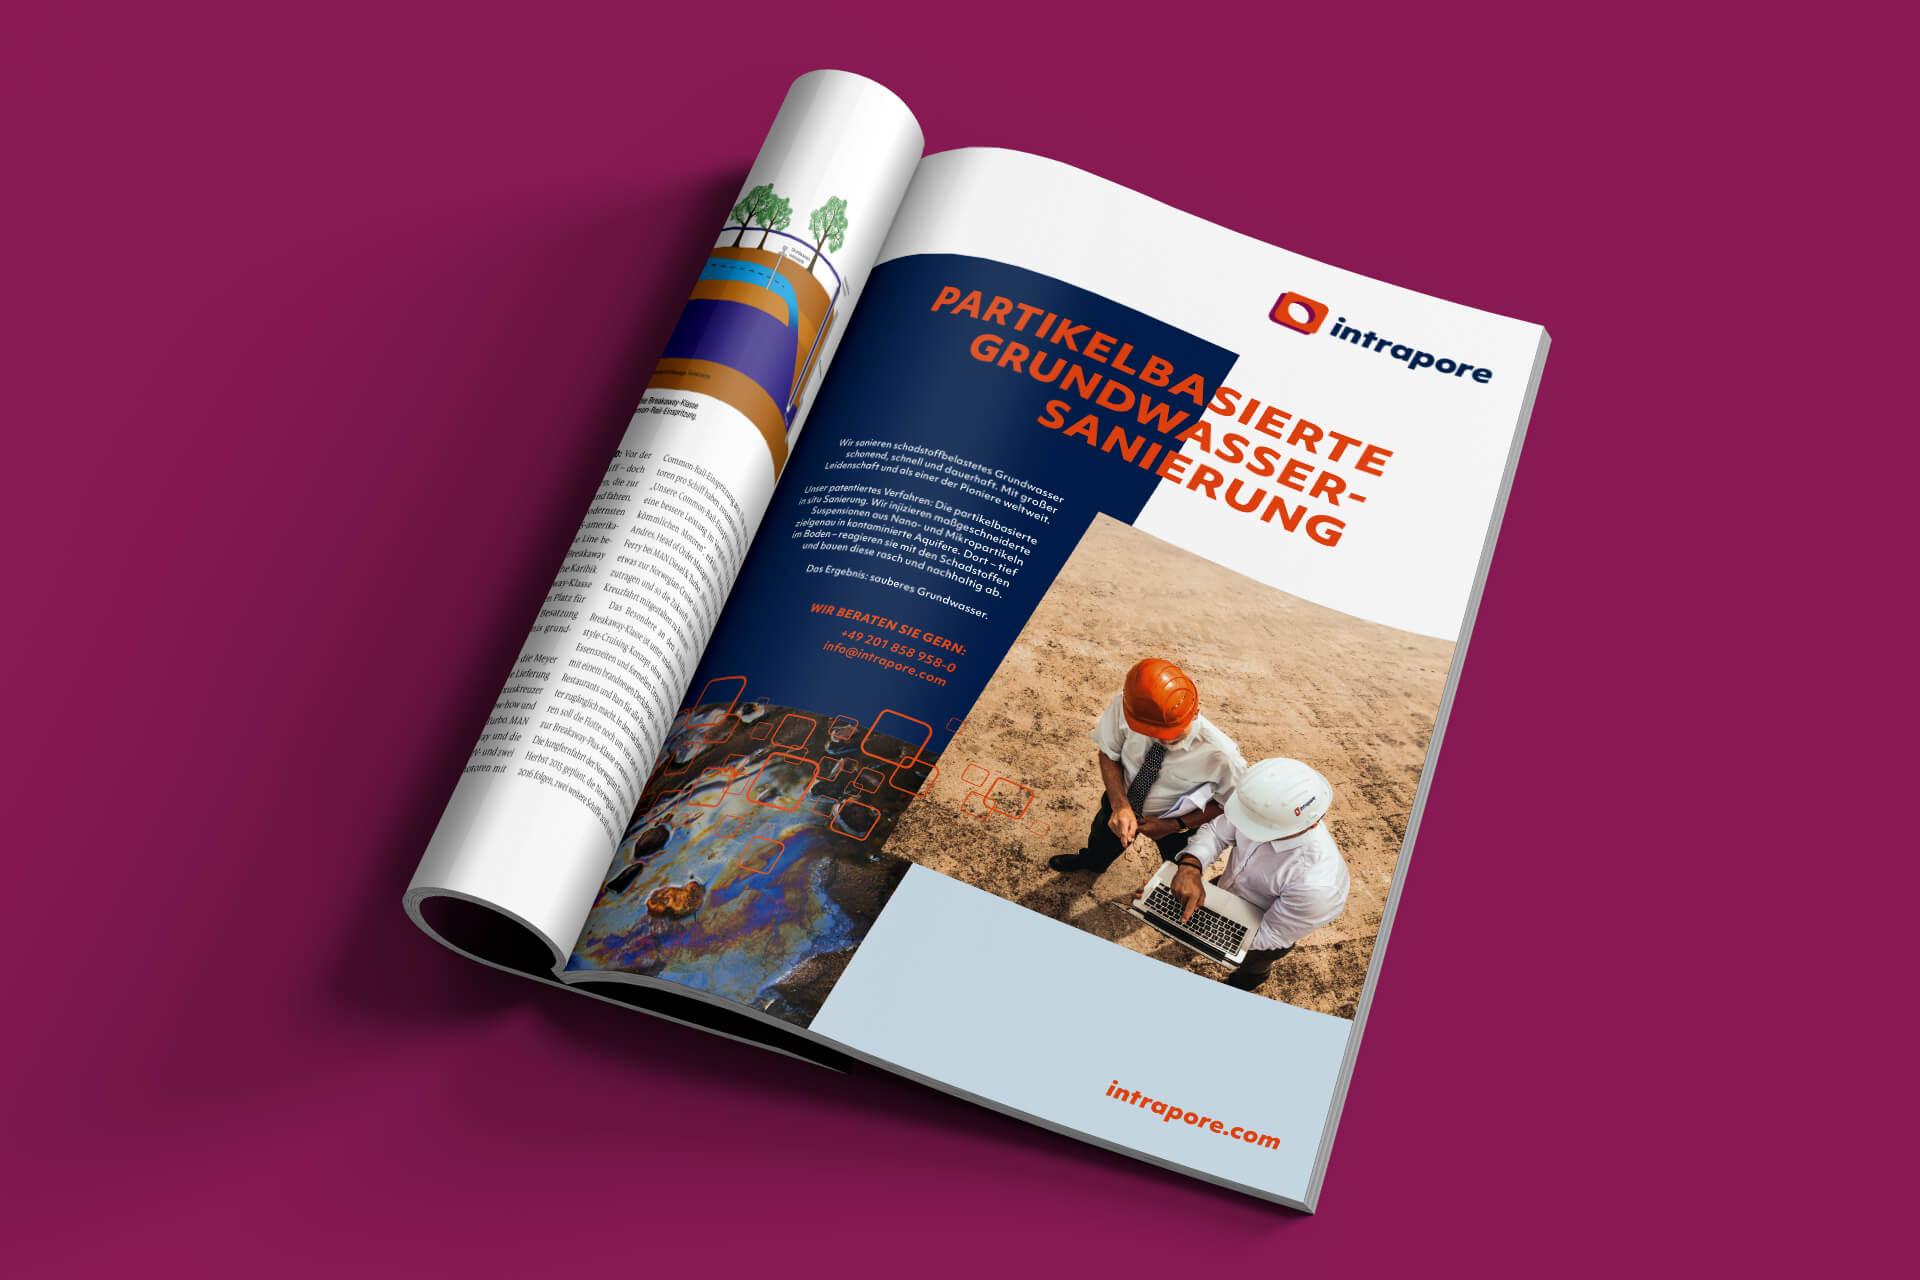 Kampagne, Print-Anzeige im neuen Intrapore Corporate Design von 31M